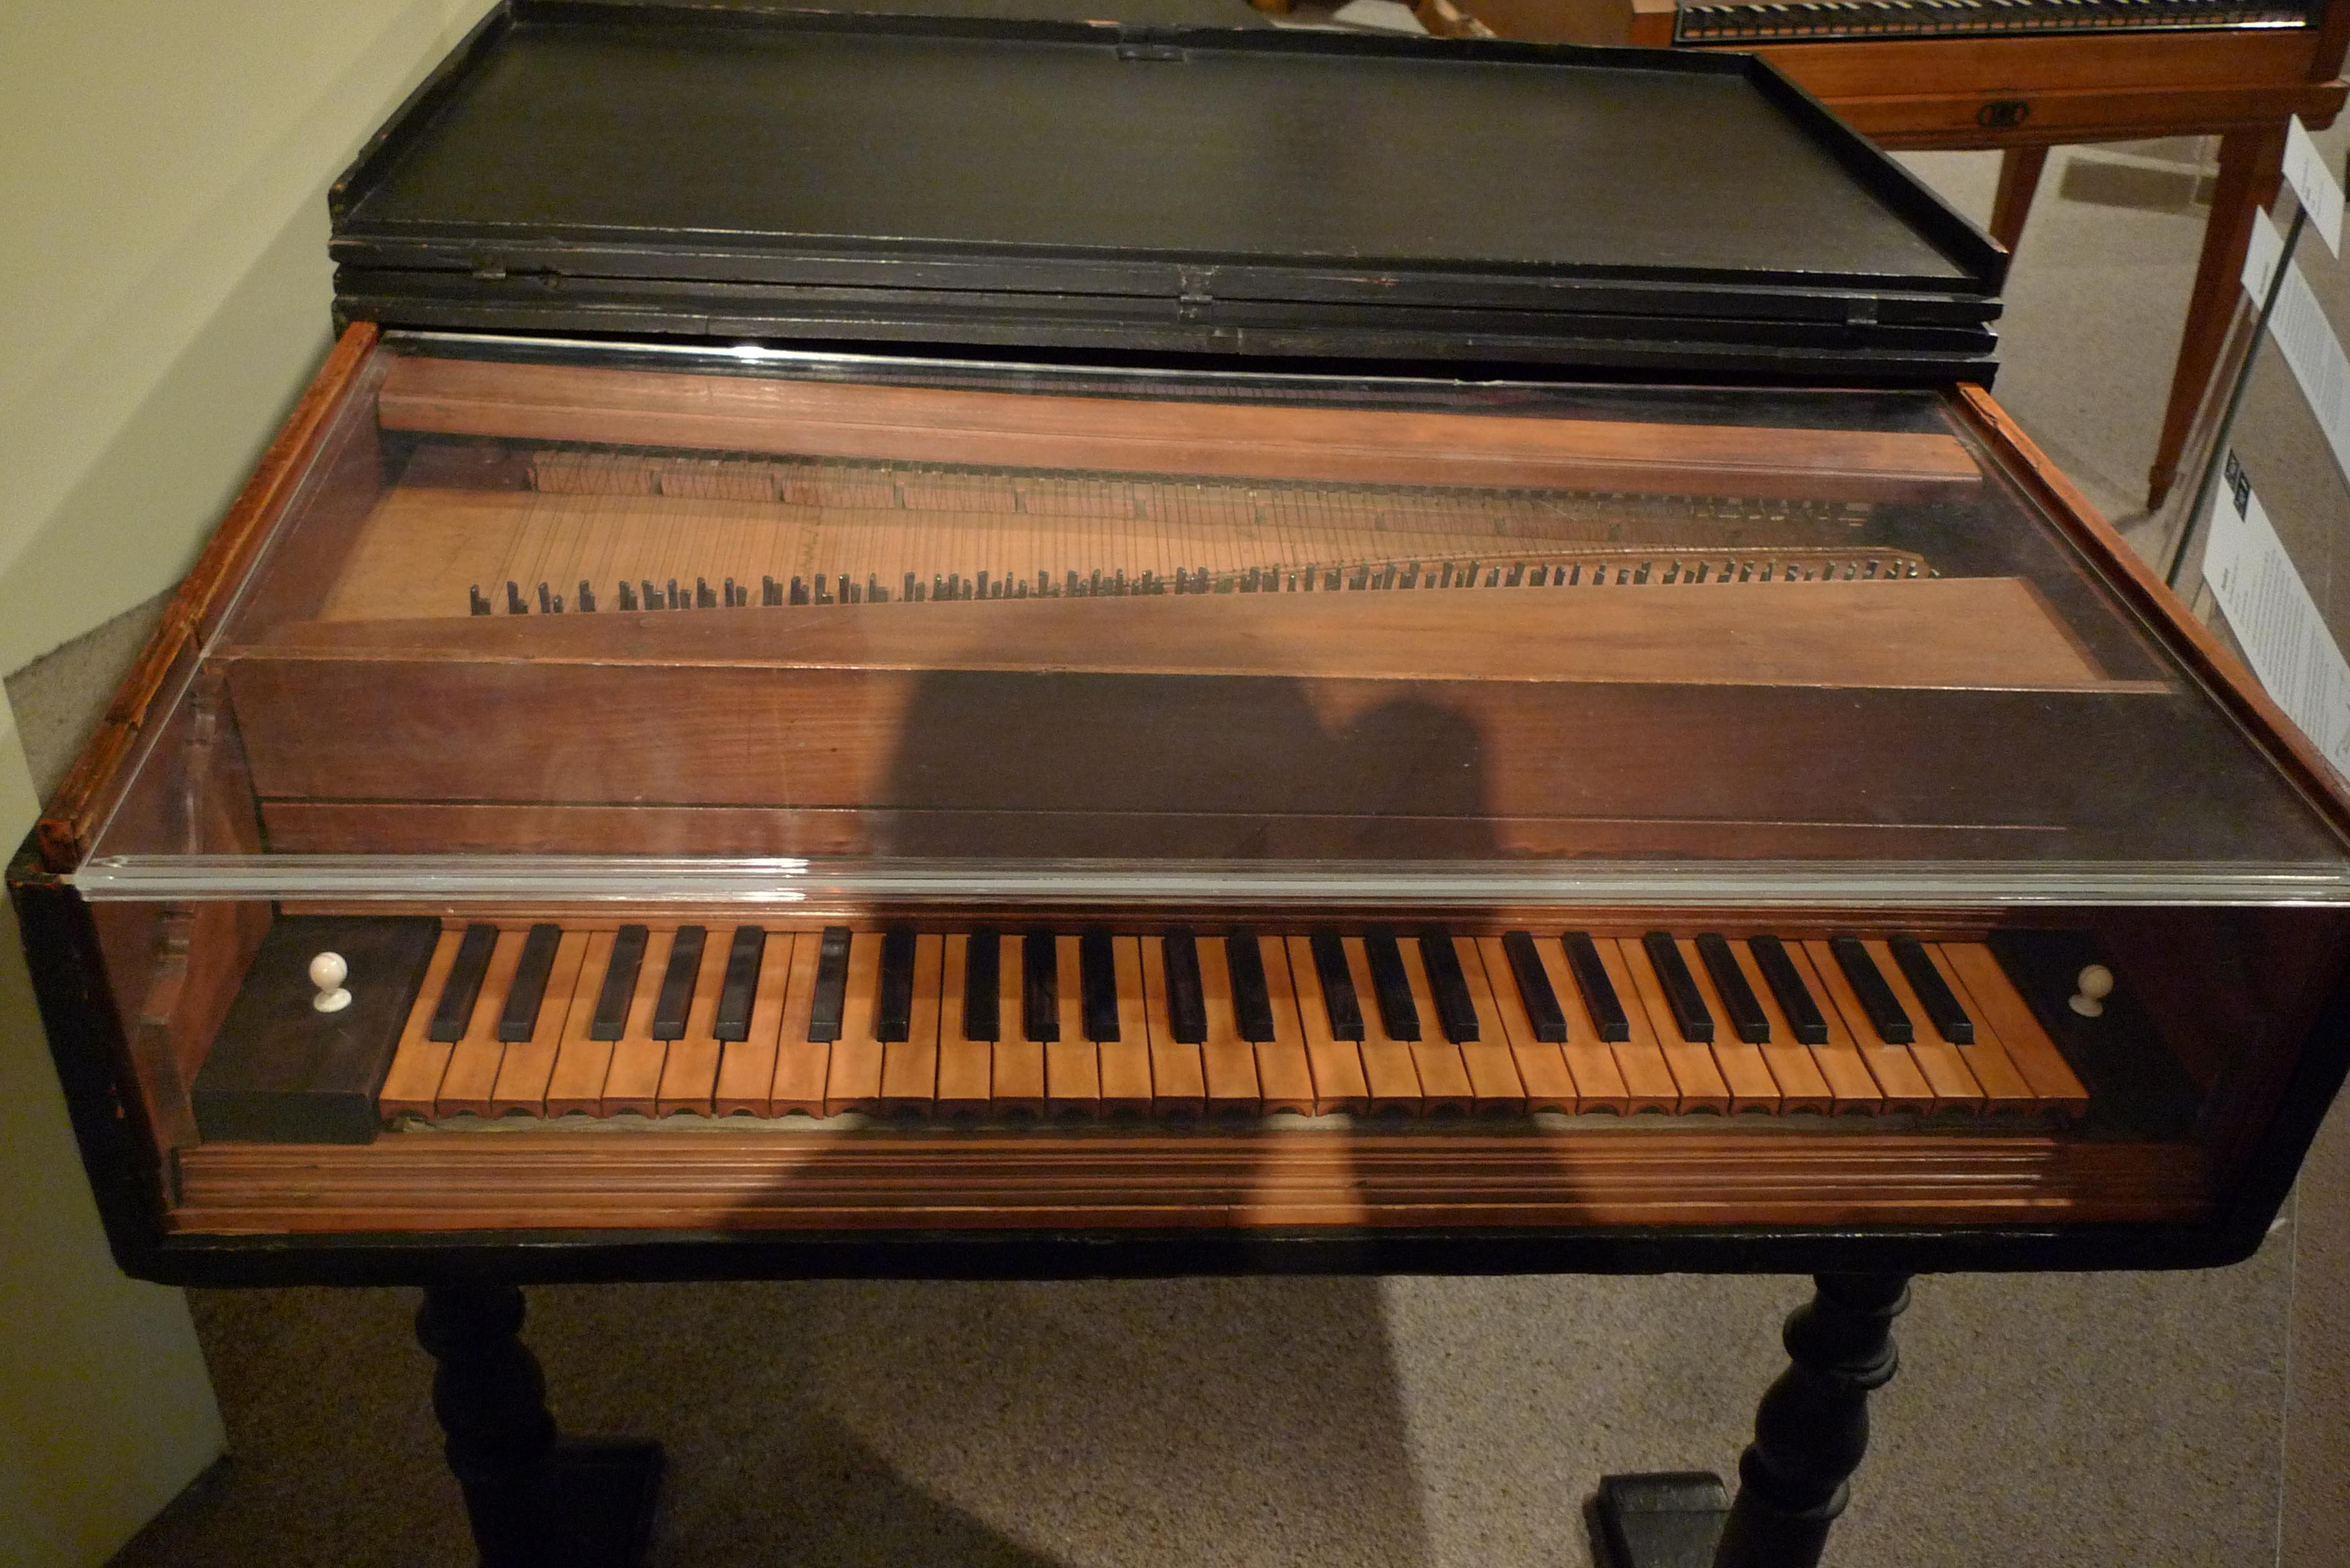 El piano más antiguo del mundo - 3776x2520